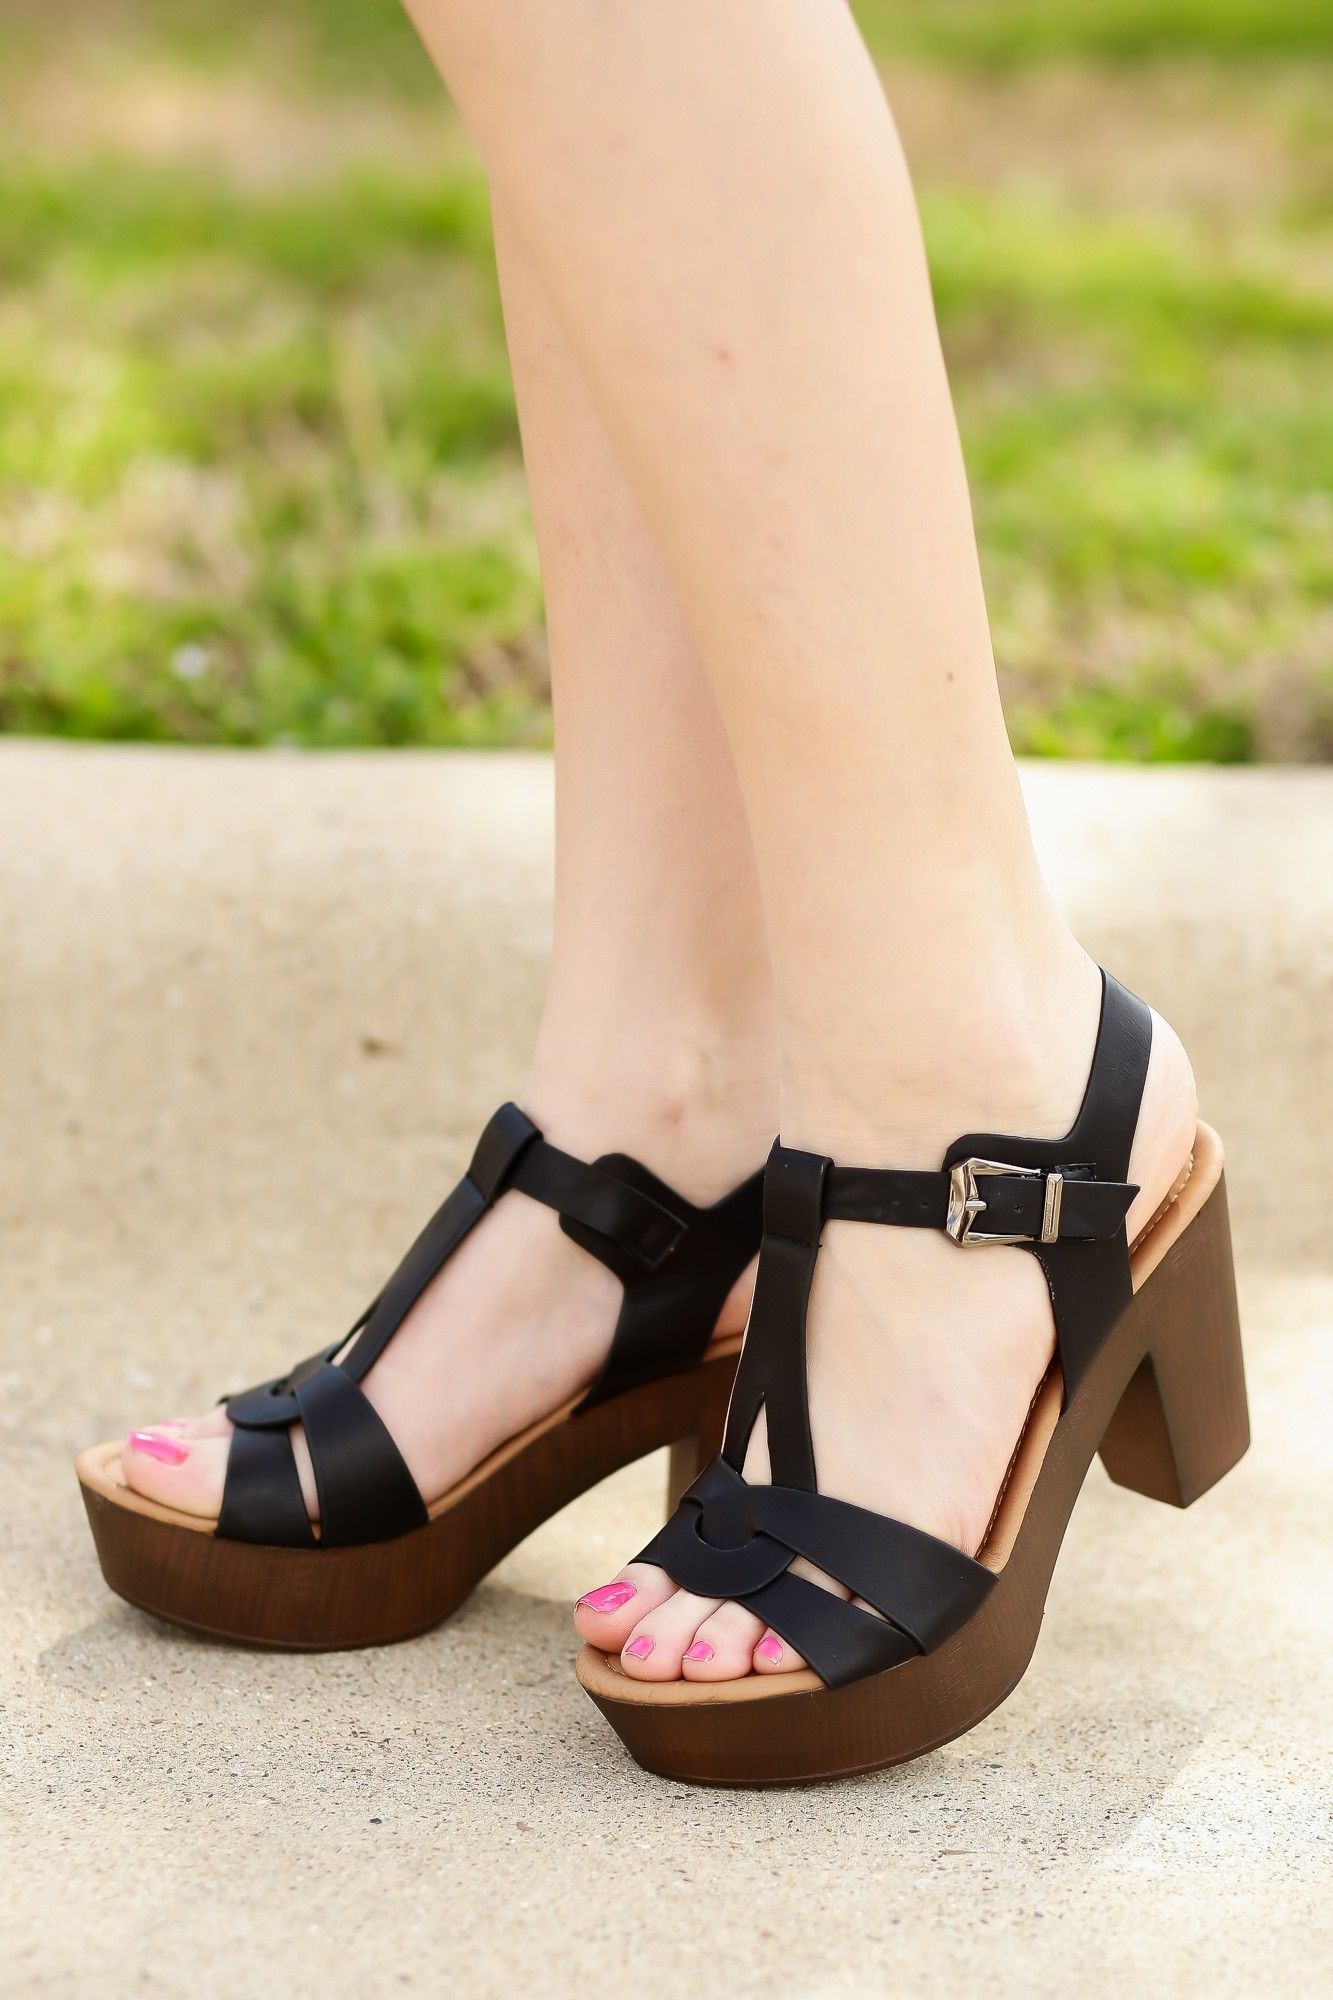 Sweet Tart Wedge-Tan | Shoes | Kiki LaRue